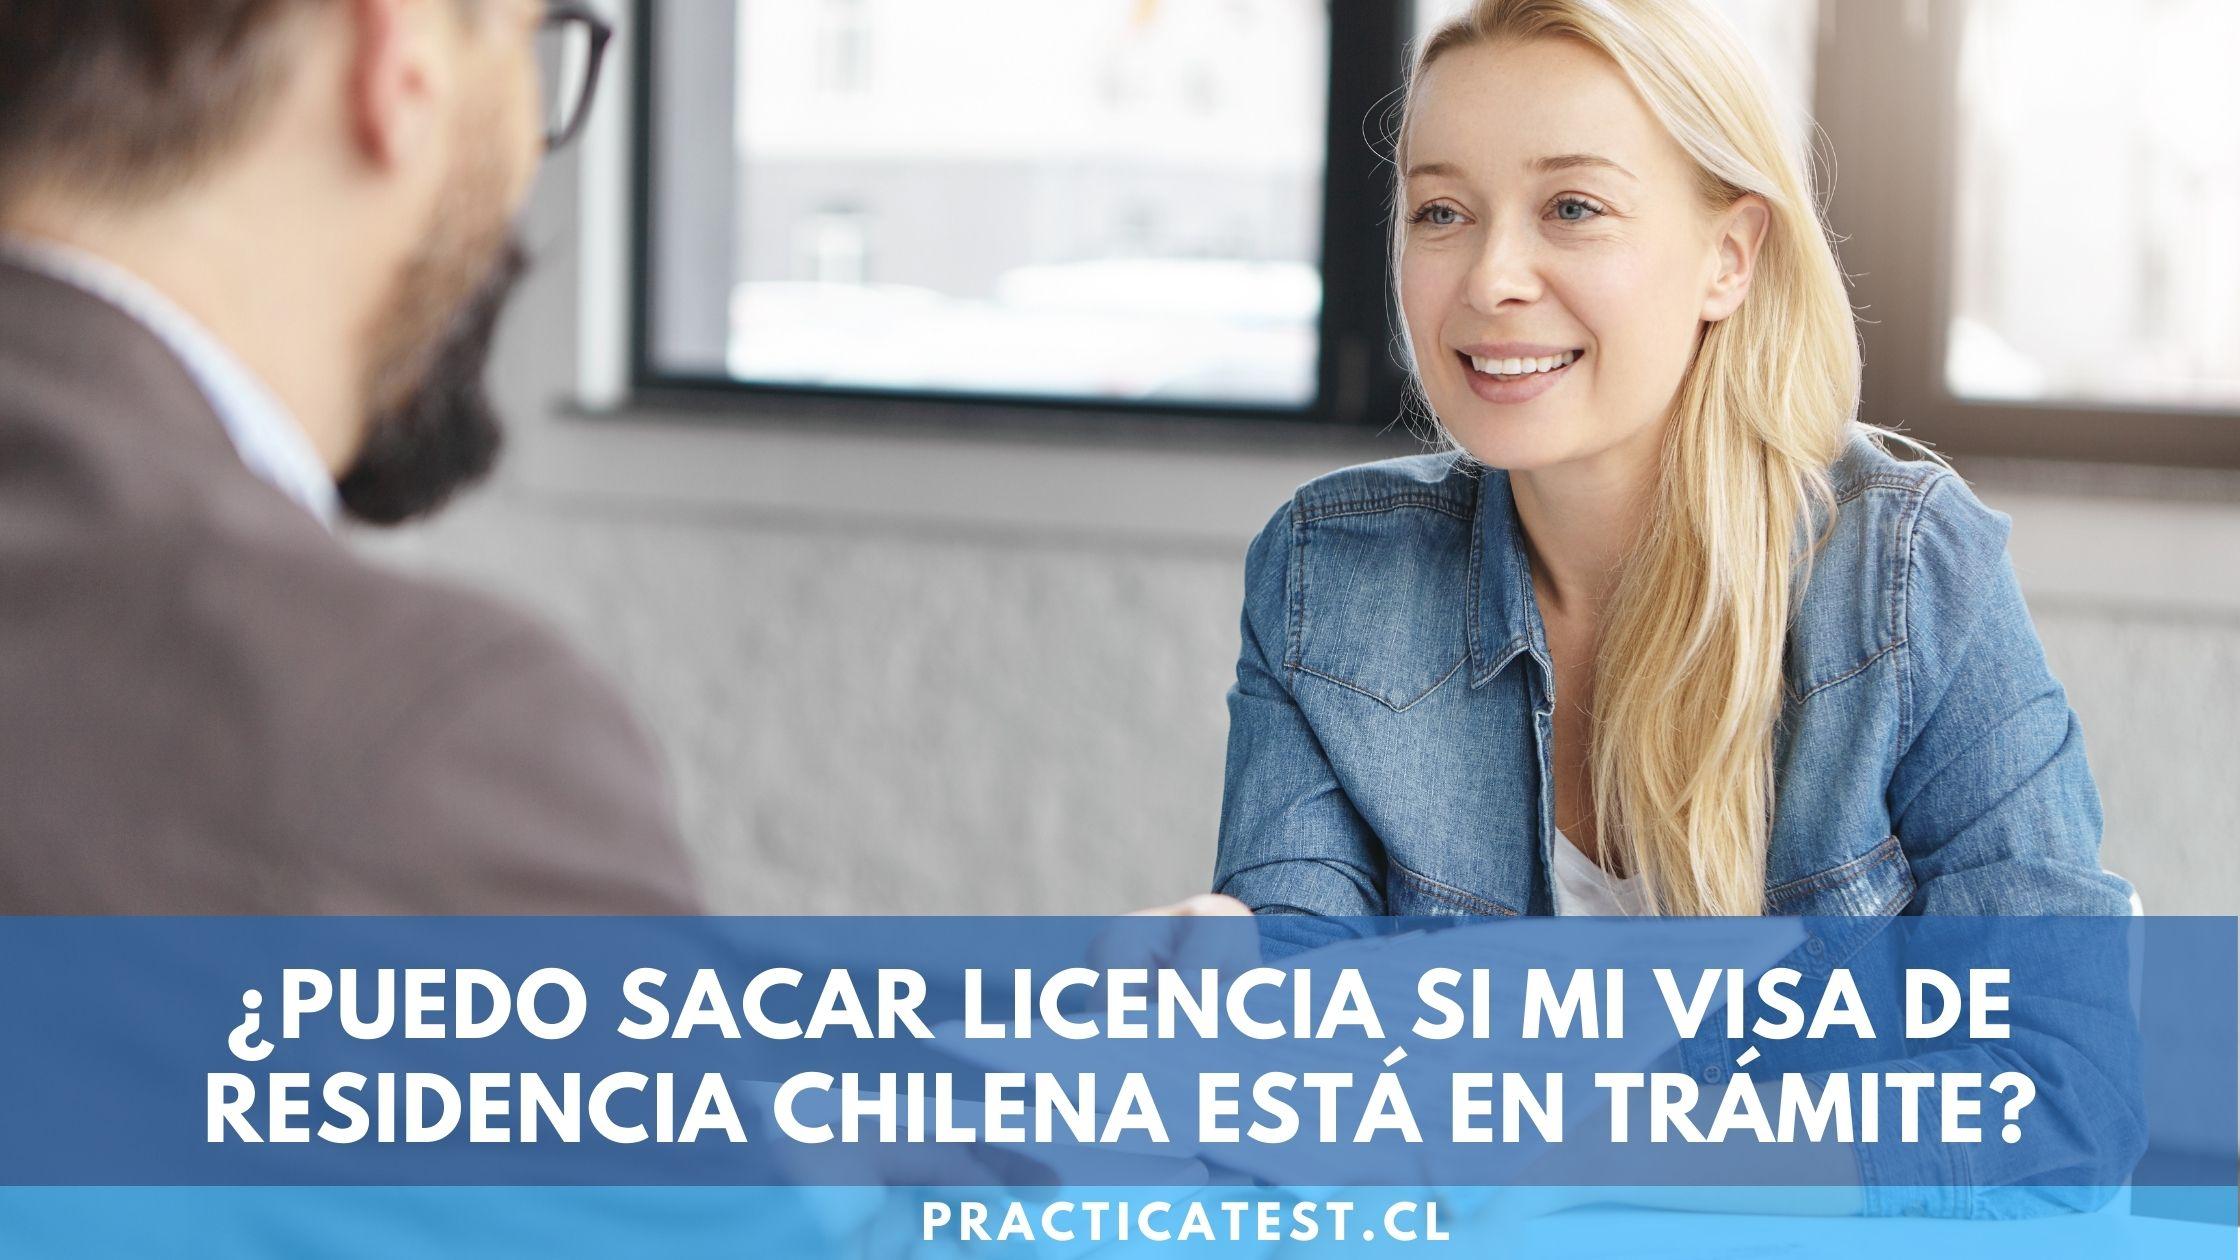 Cómo manejar legalmente en Chile como extranjero si la visa de residencia está en trámite